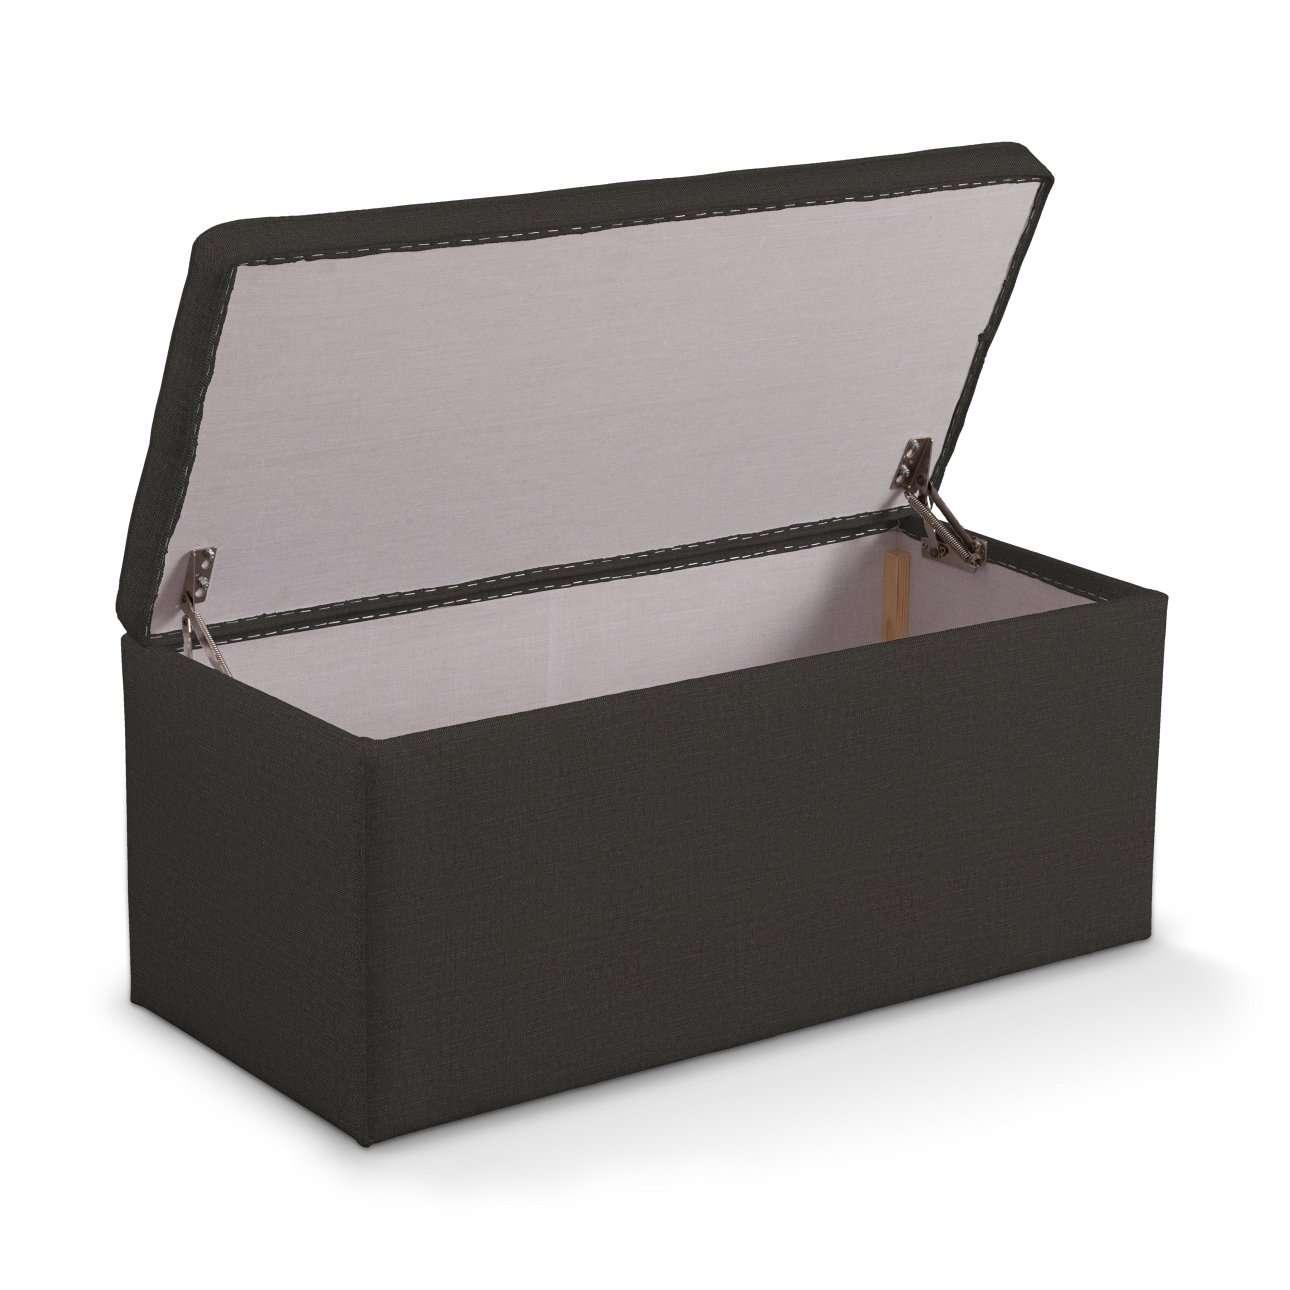 Čalouněná skříň s volbou látky - 2 velikosti v kolekci Vintage, látka: 702-36